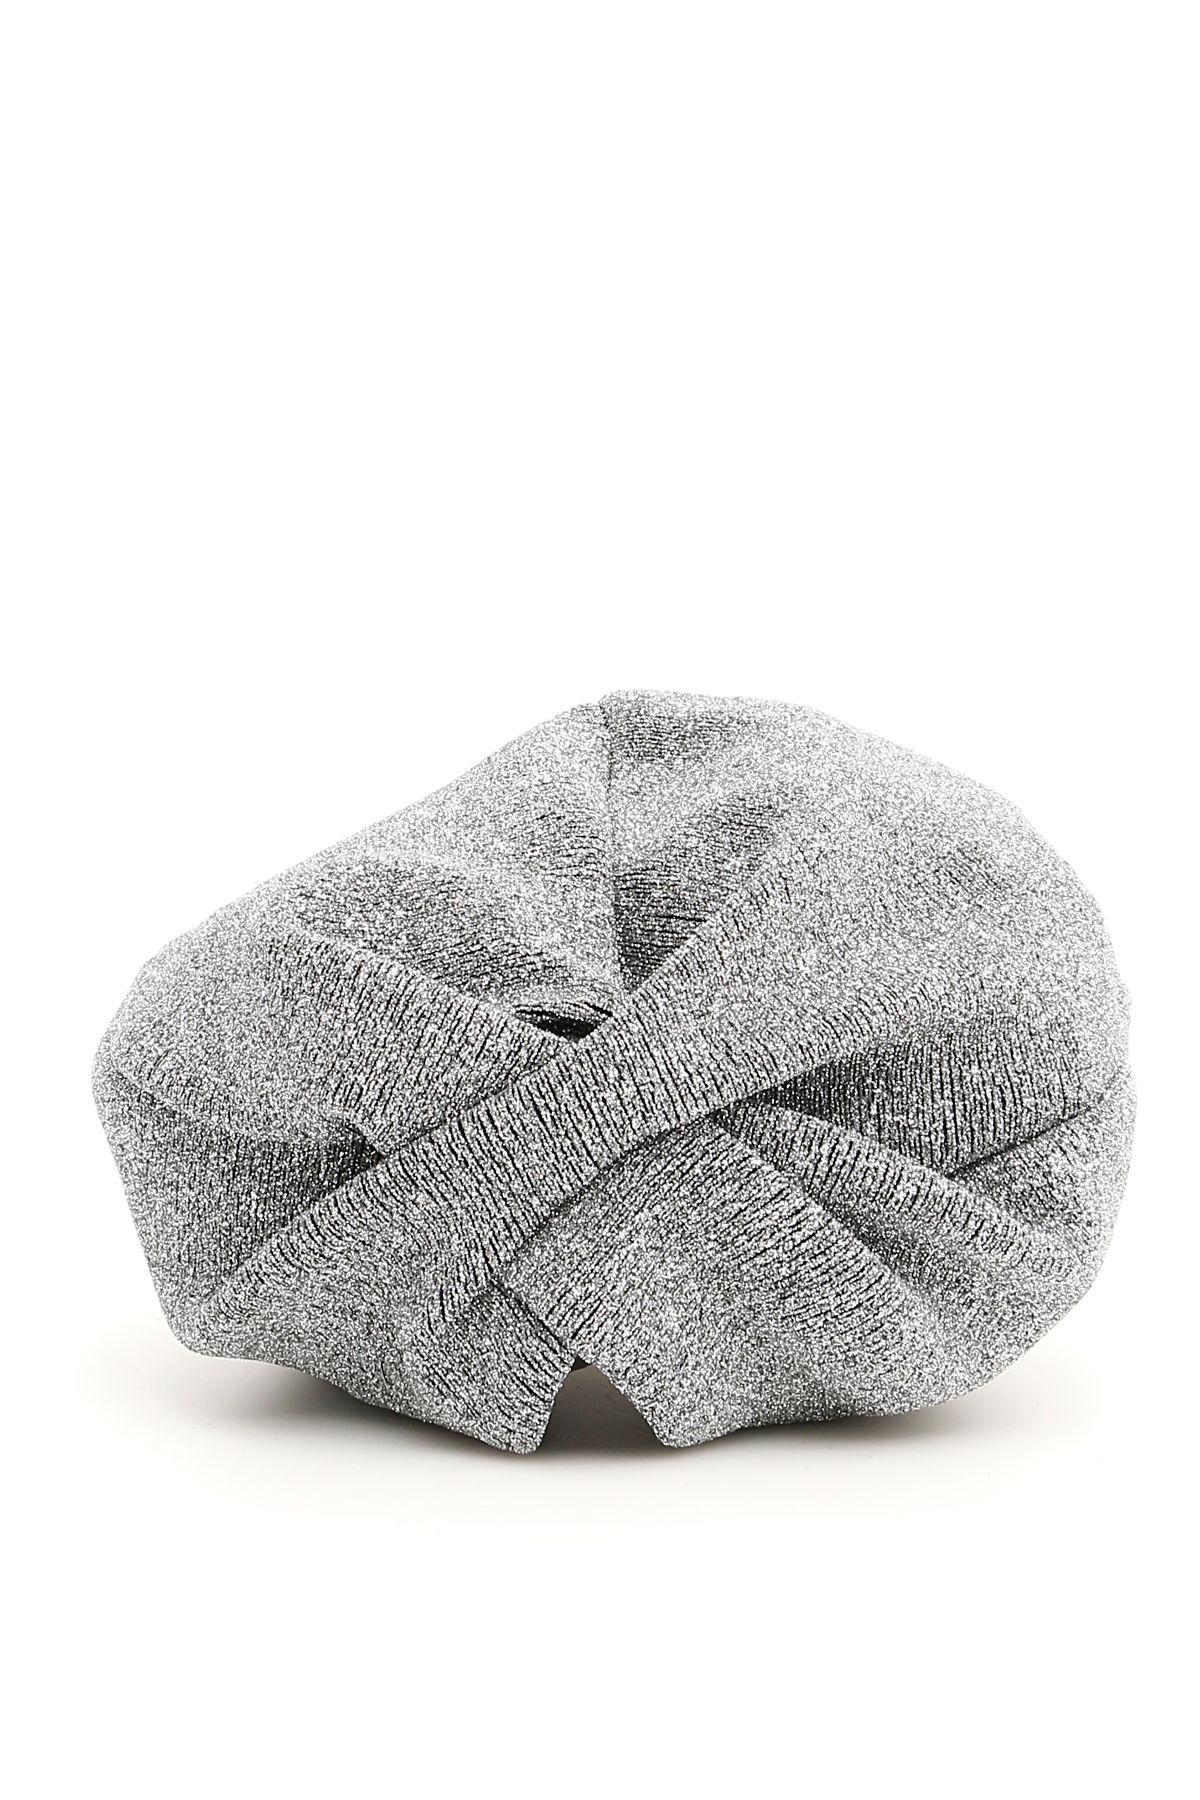 FLAPPER Lurex Lola Turban in Homebush Grey